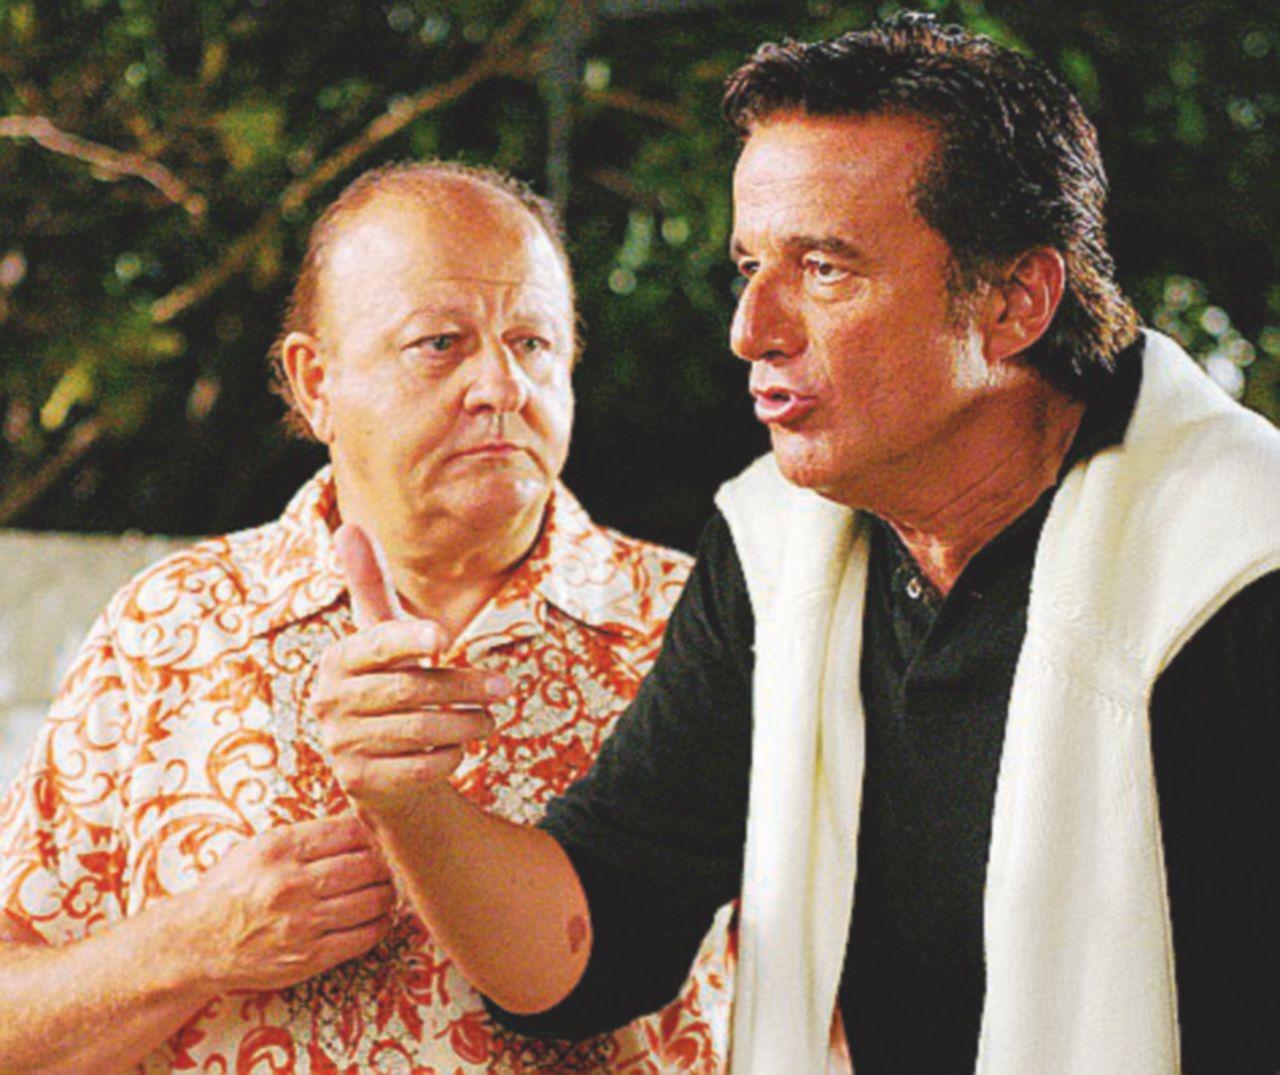 Boldi e De Sica di nuovo insieme, il botteghino sogna i loro incassi